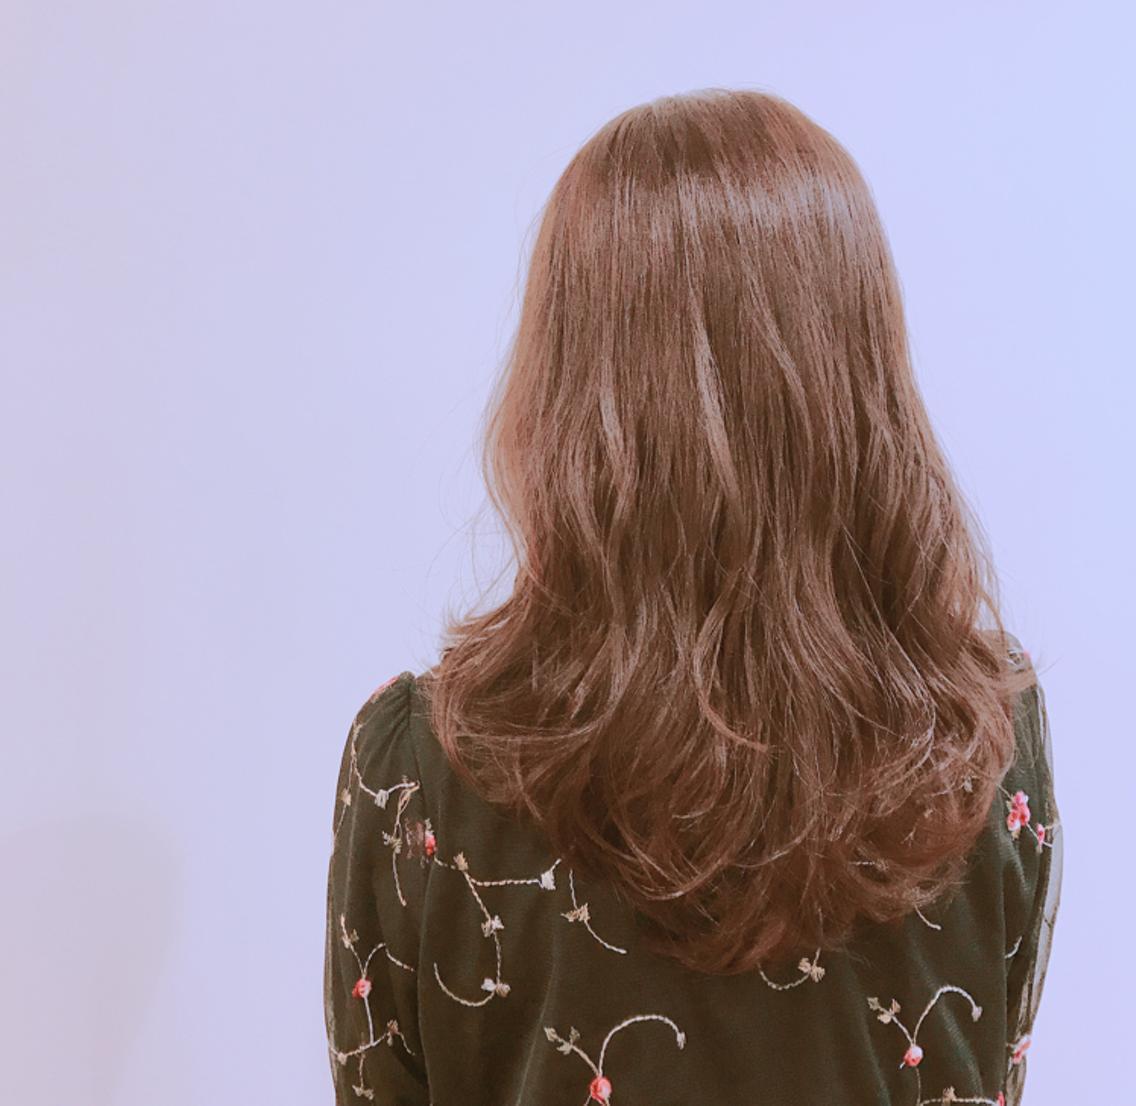 レディース&メンズカットモデル募集中!